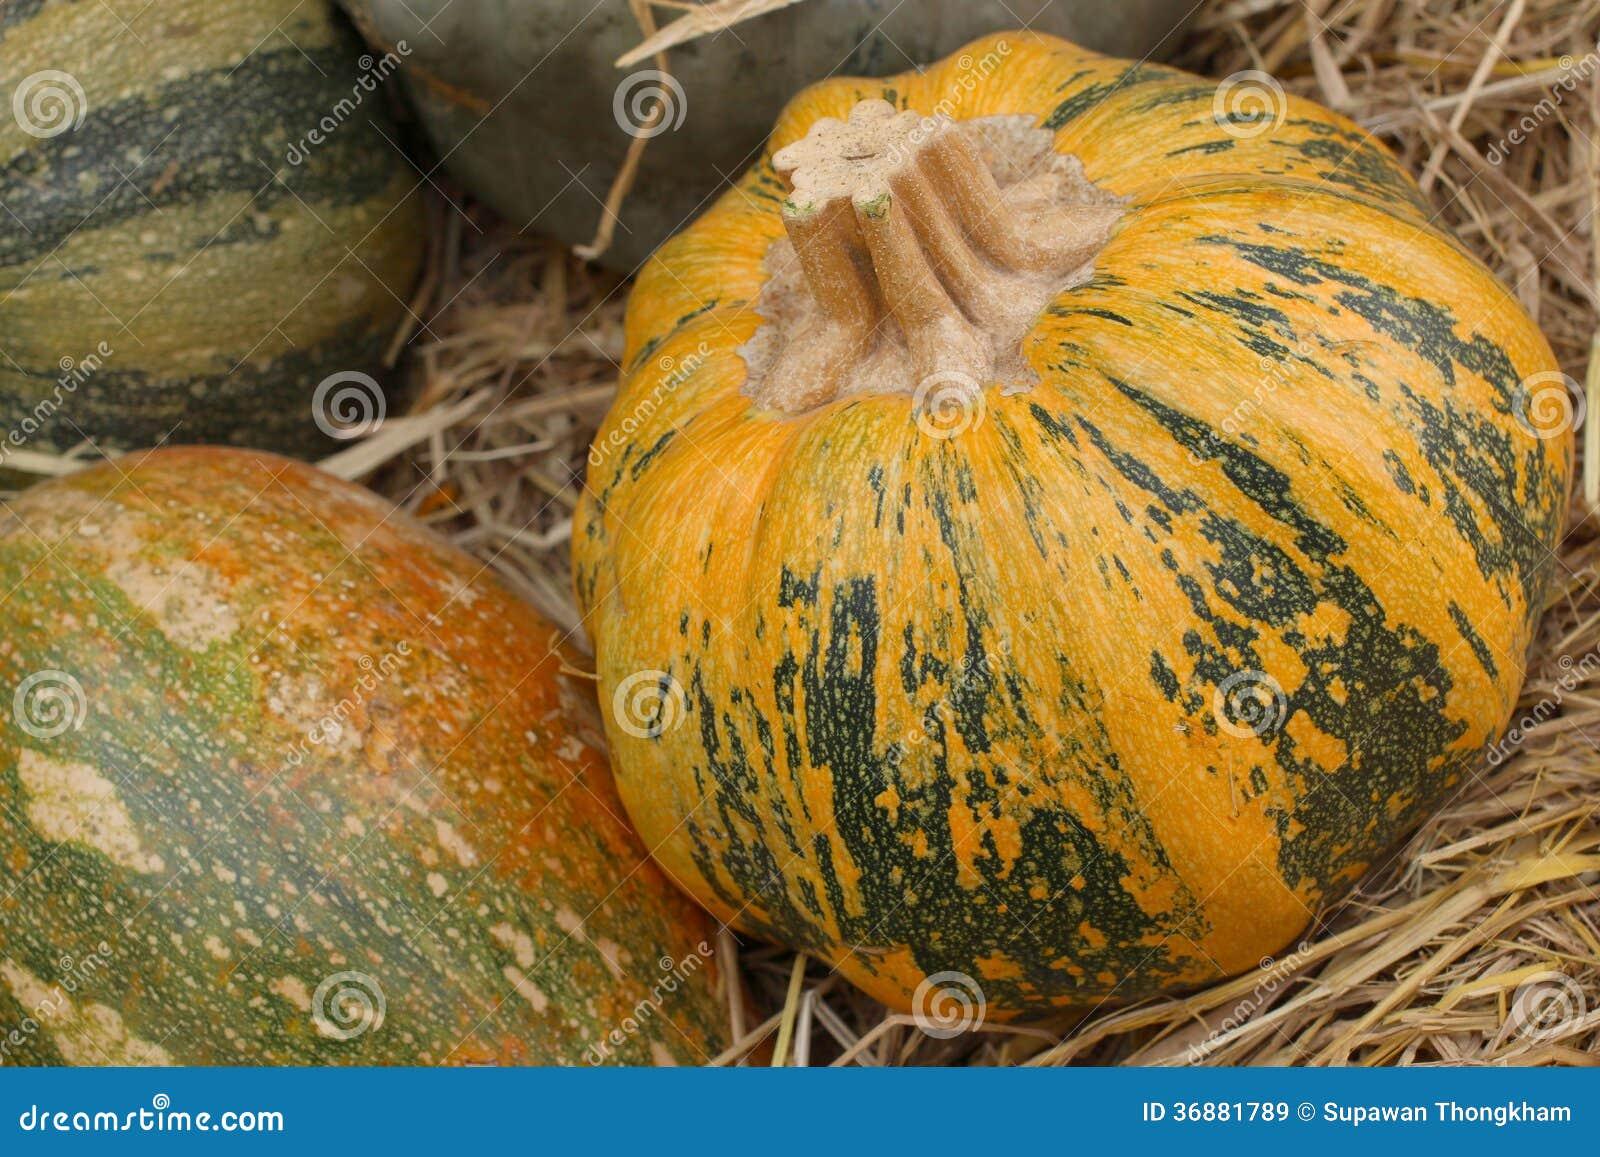 Download Le zucche autunnali immagine stock. Immagine di zucca - 36881789